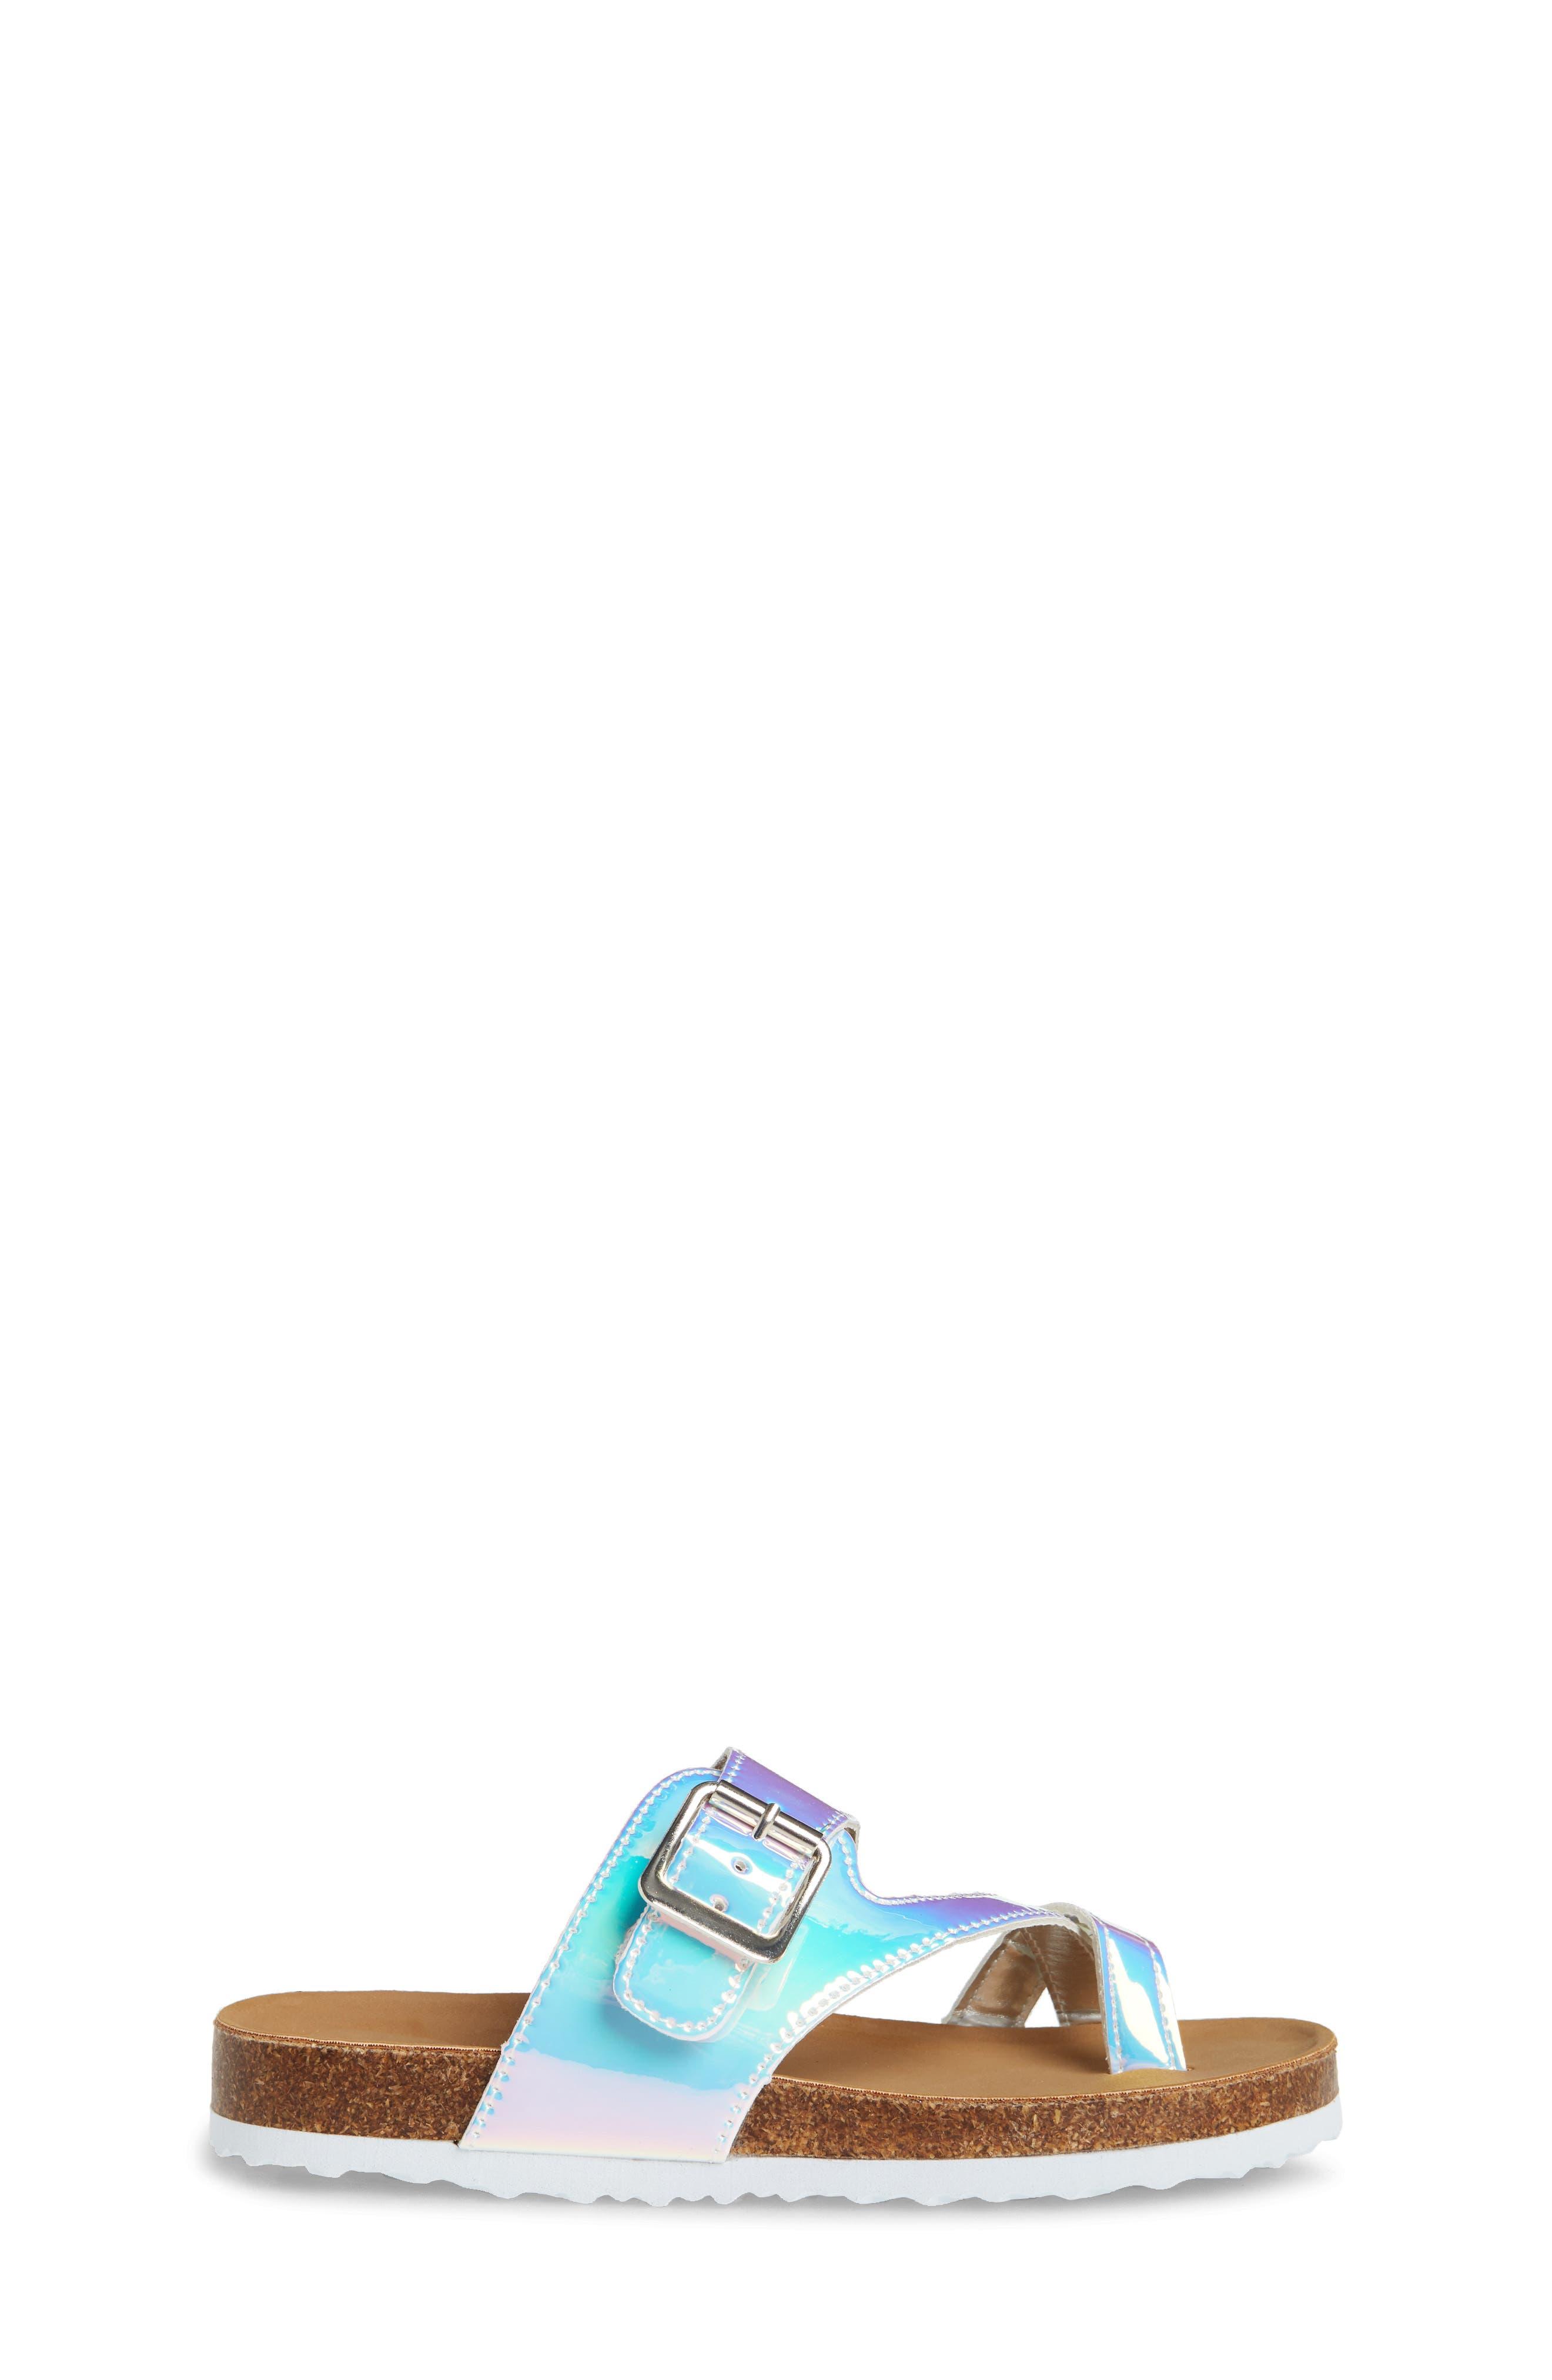 STEVE MADDEN, JWaive Sandal, Alternate thumbnail 3, color, IRIDESCENT